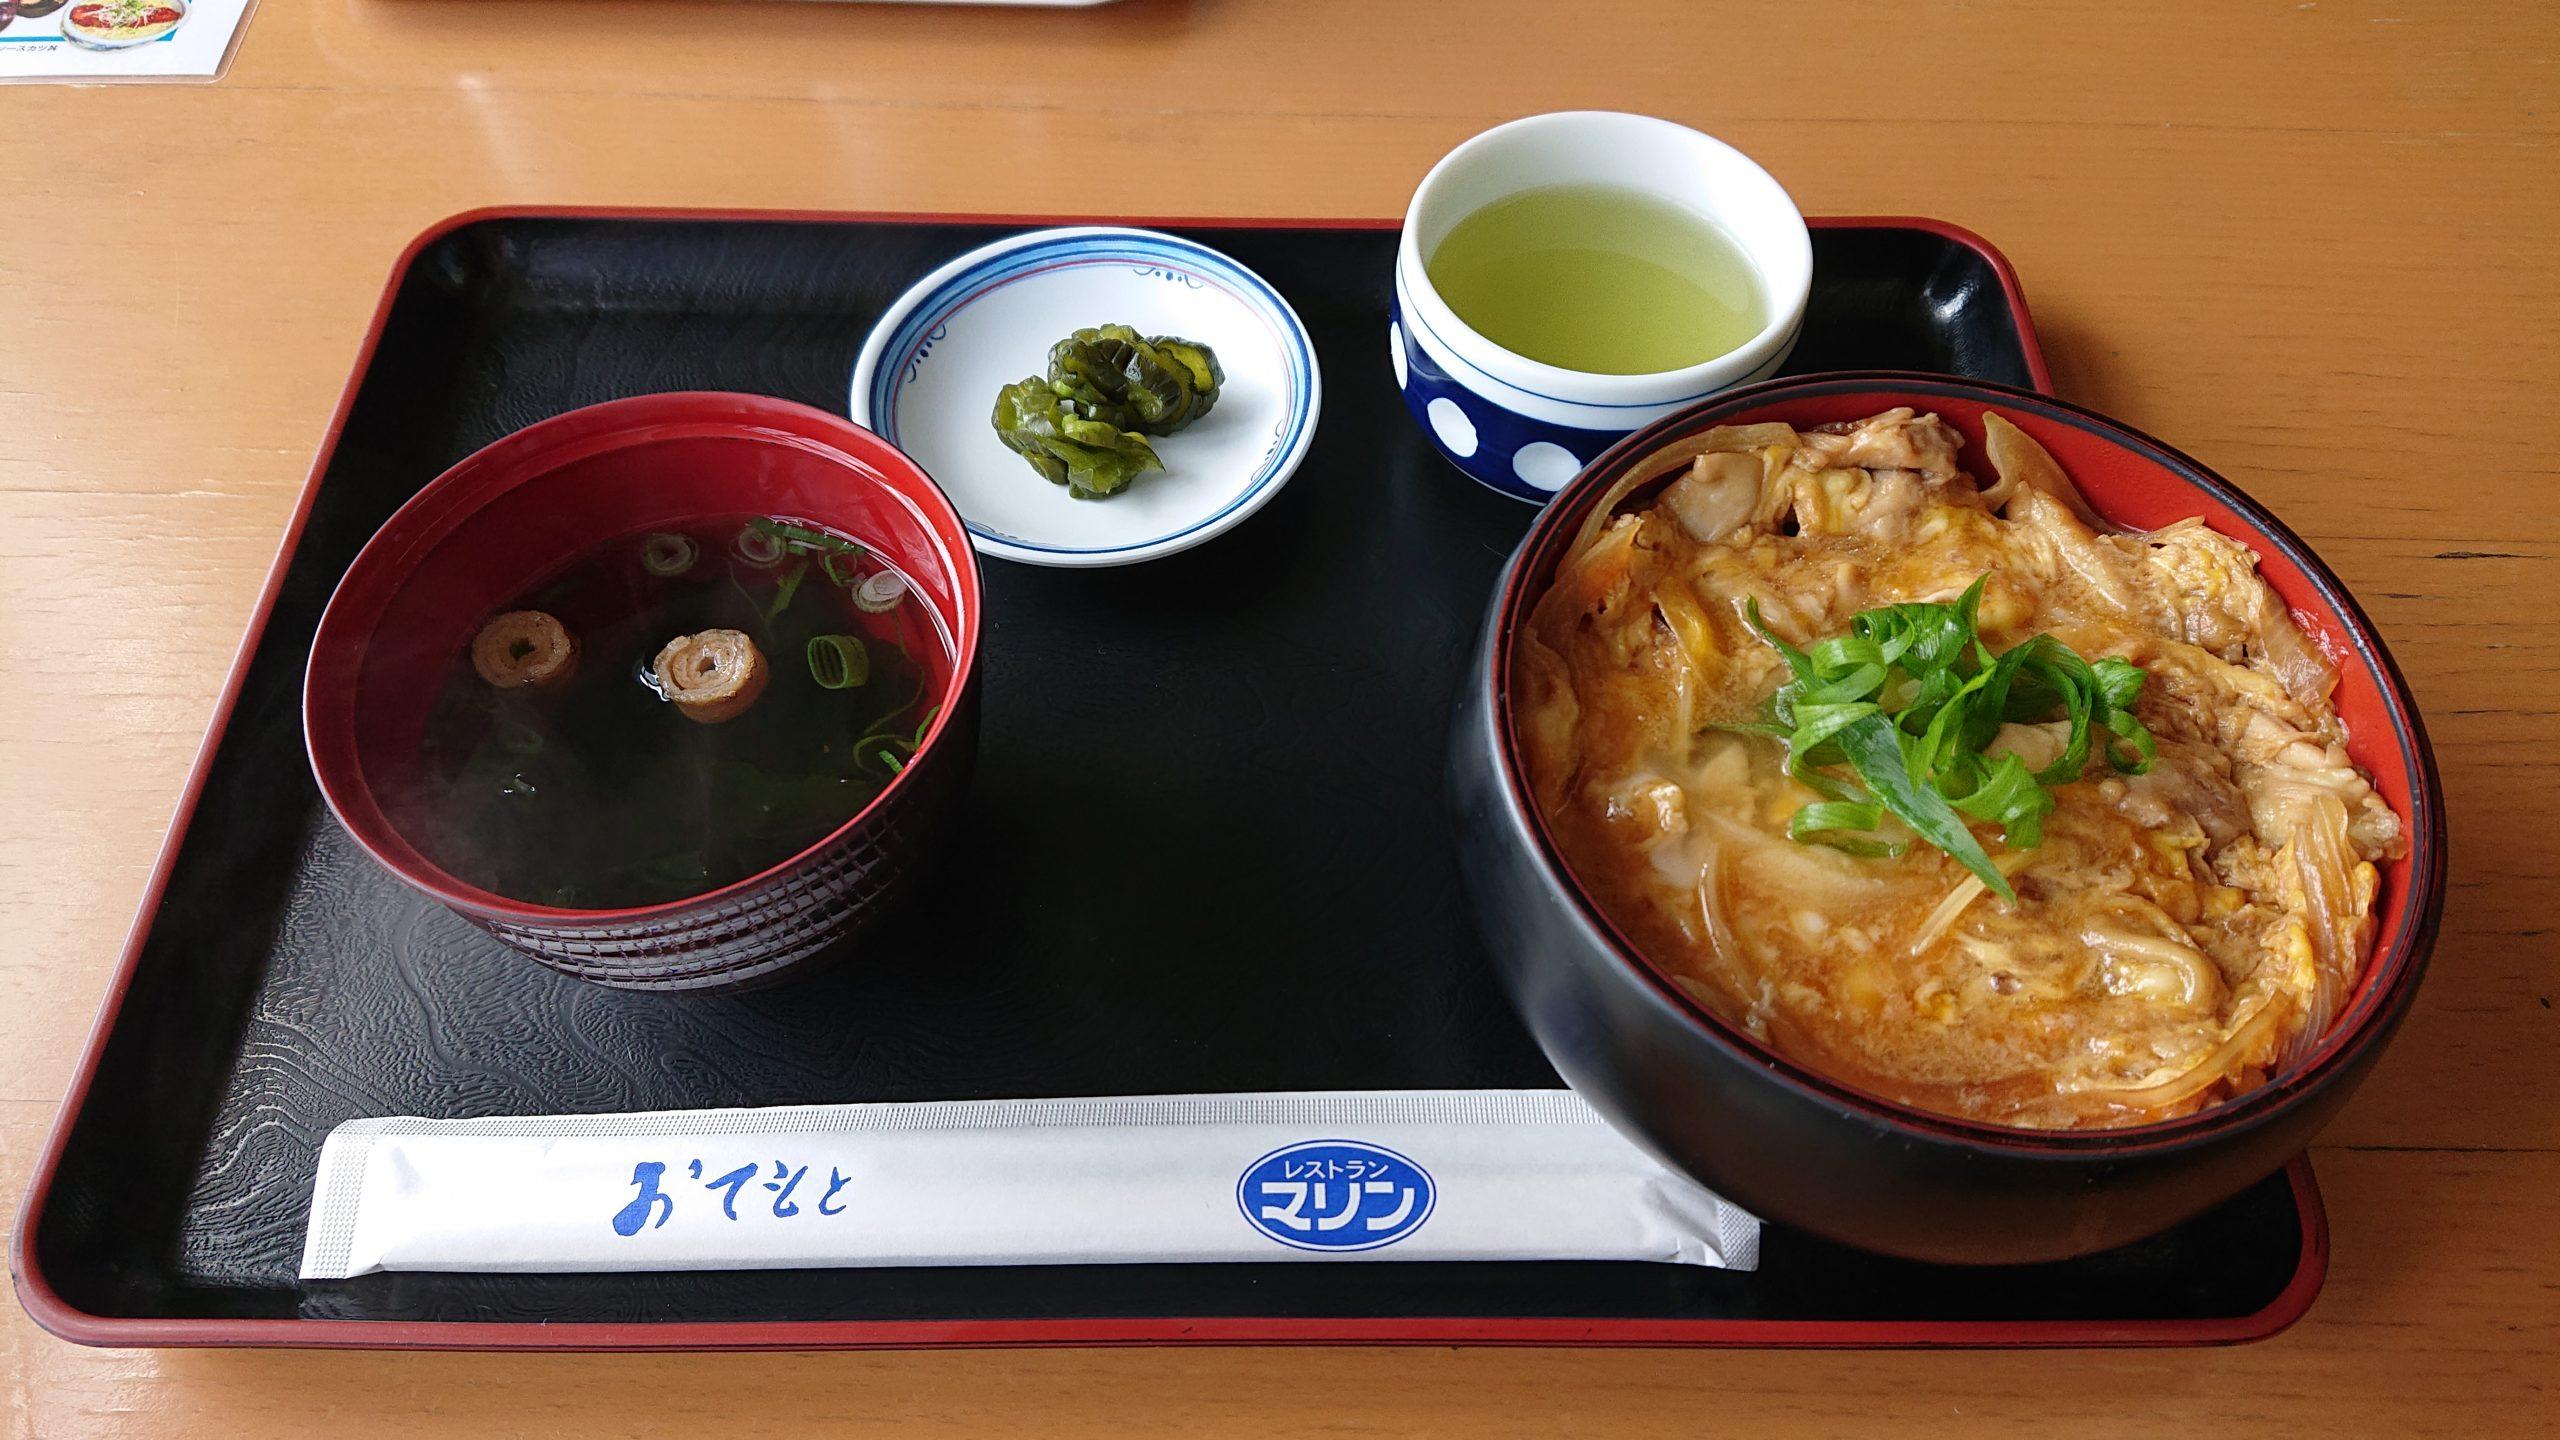 八幡浜港フェリー乗り場にある飲食店「レストラン マリン」で絶品「親子丼」を食べてきたよ!